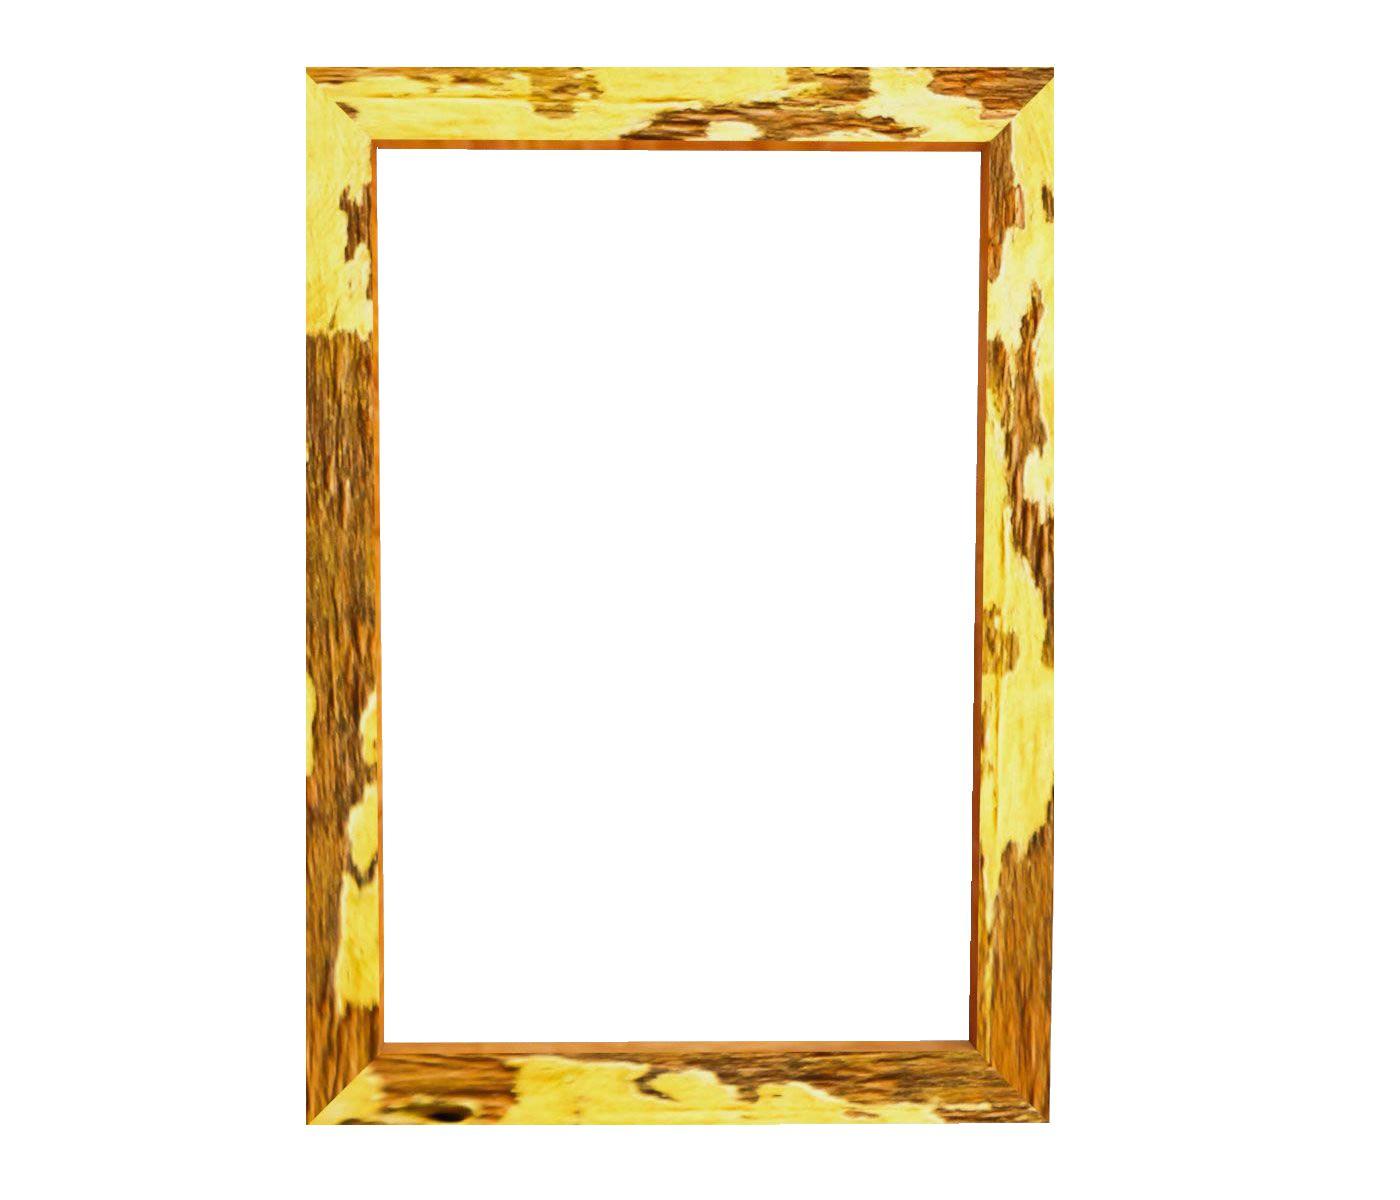 Kit 2 Quadros Moldura Rústica certificado A4 (21x30cm) C/ Vidro Amarelo